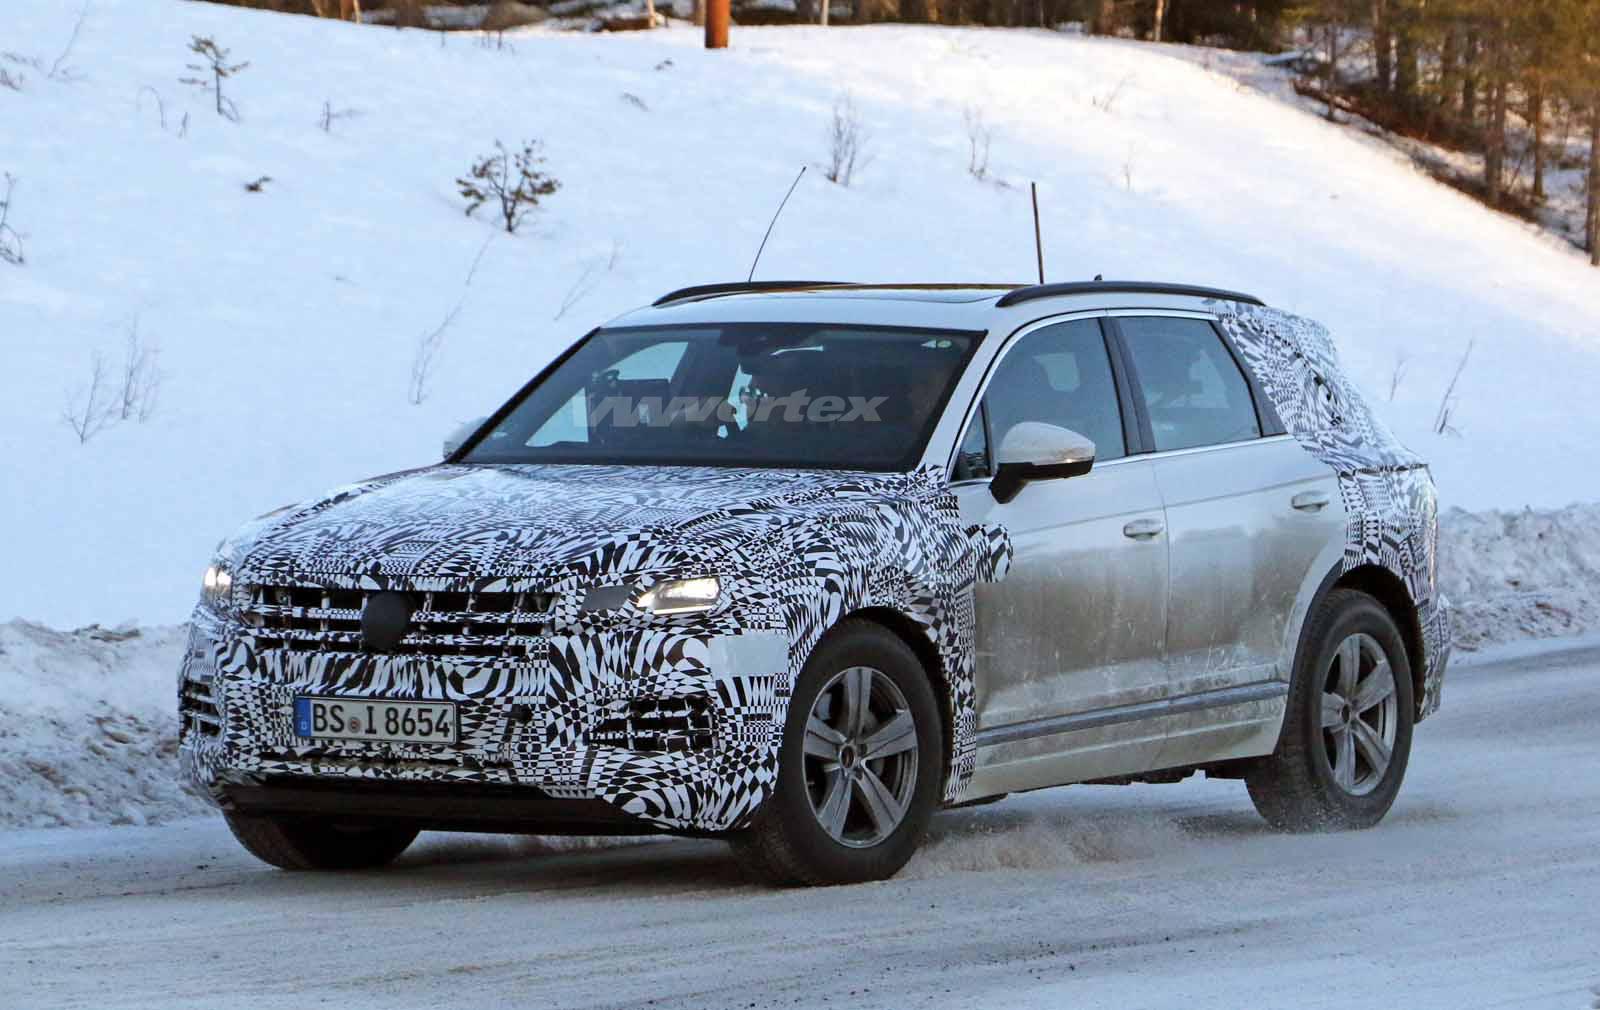 Audi A To Make US Debut At NAIAS Fourtitudecom - Audi car song